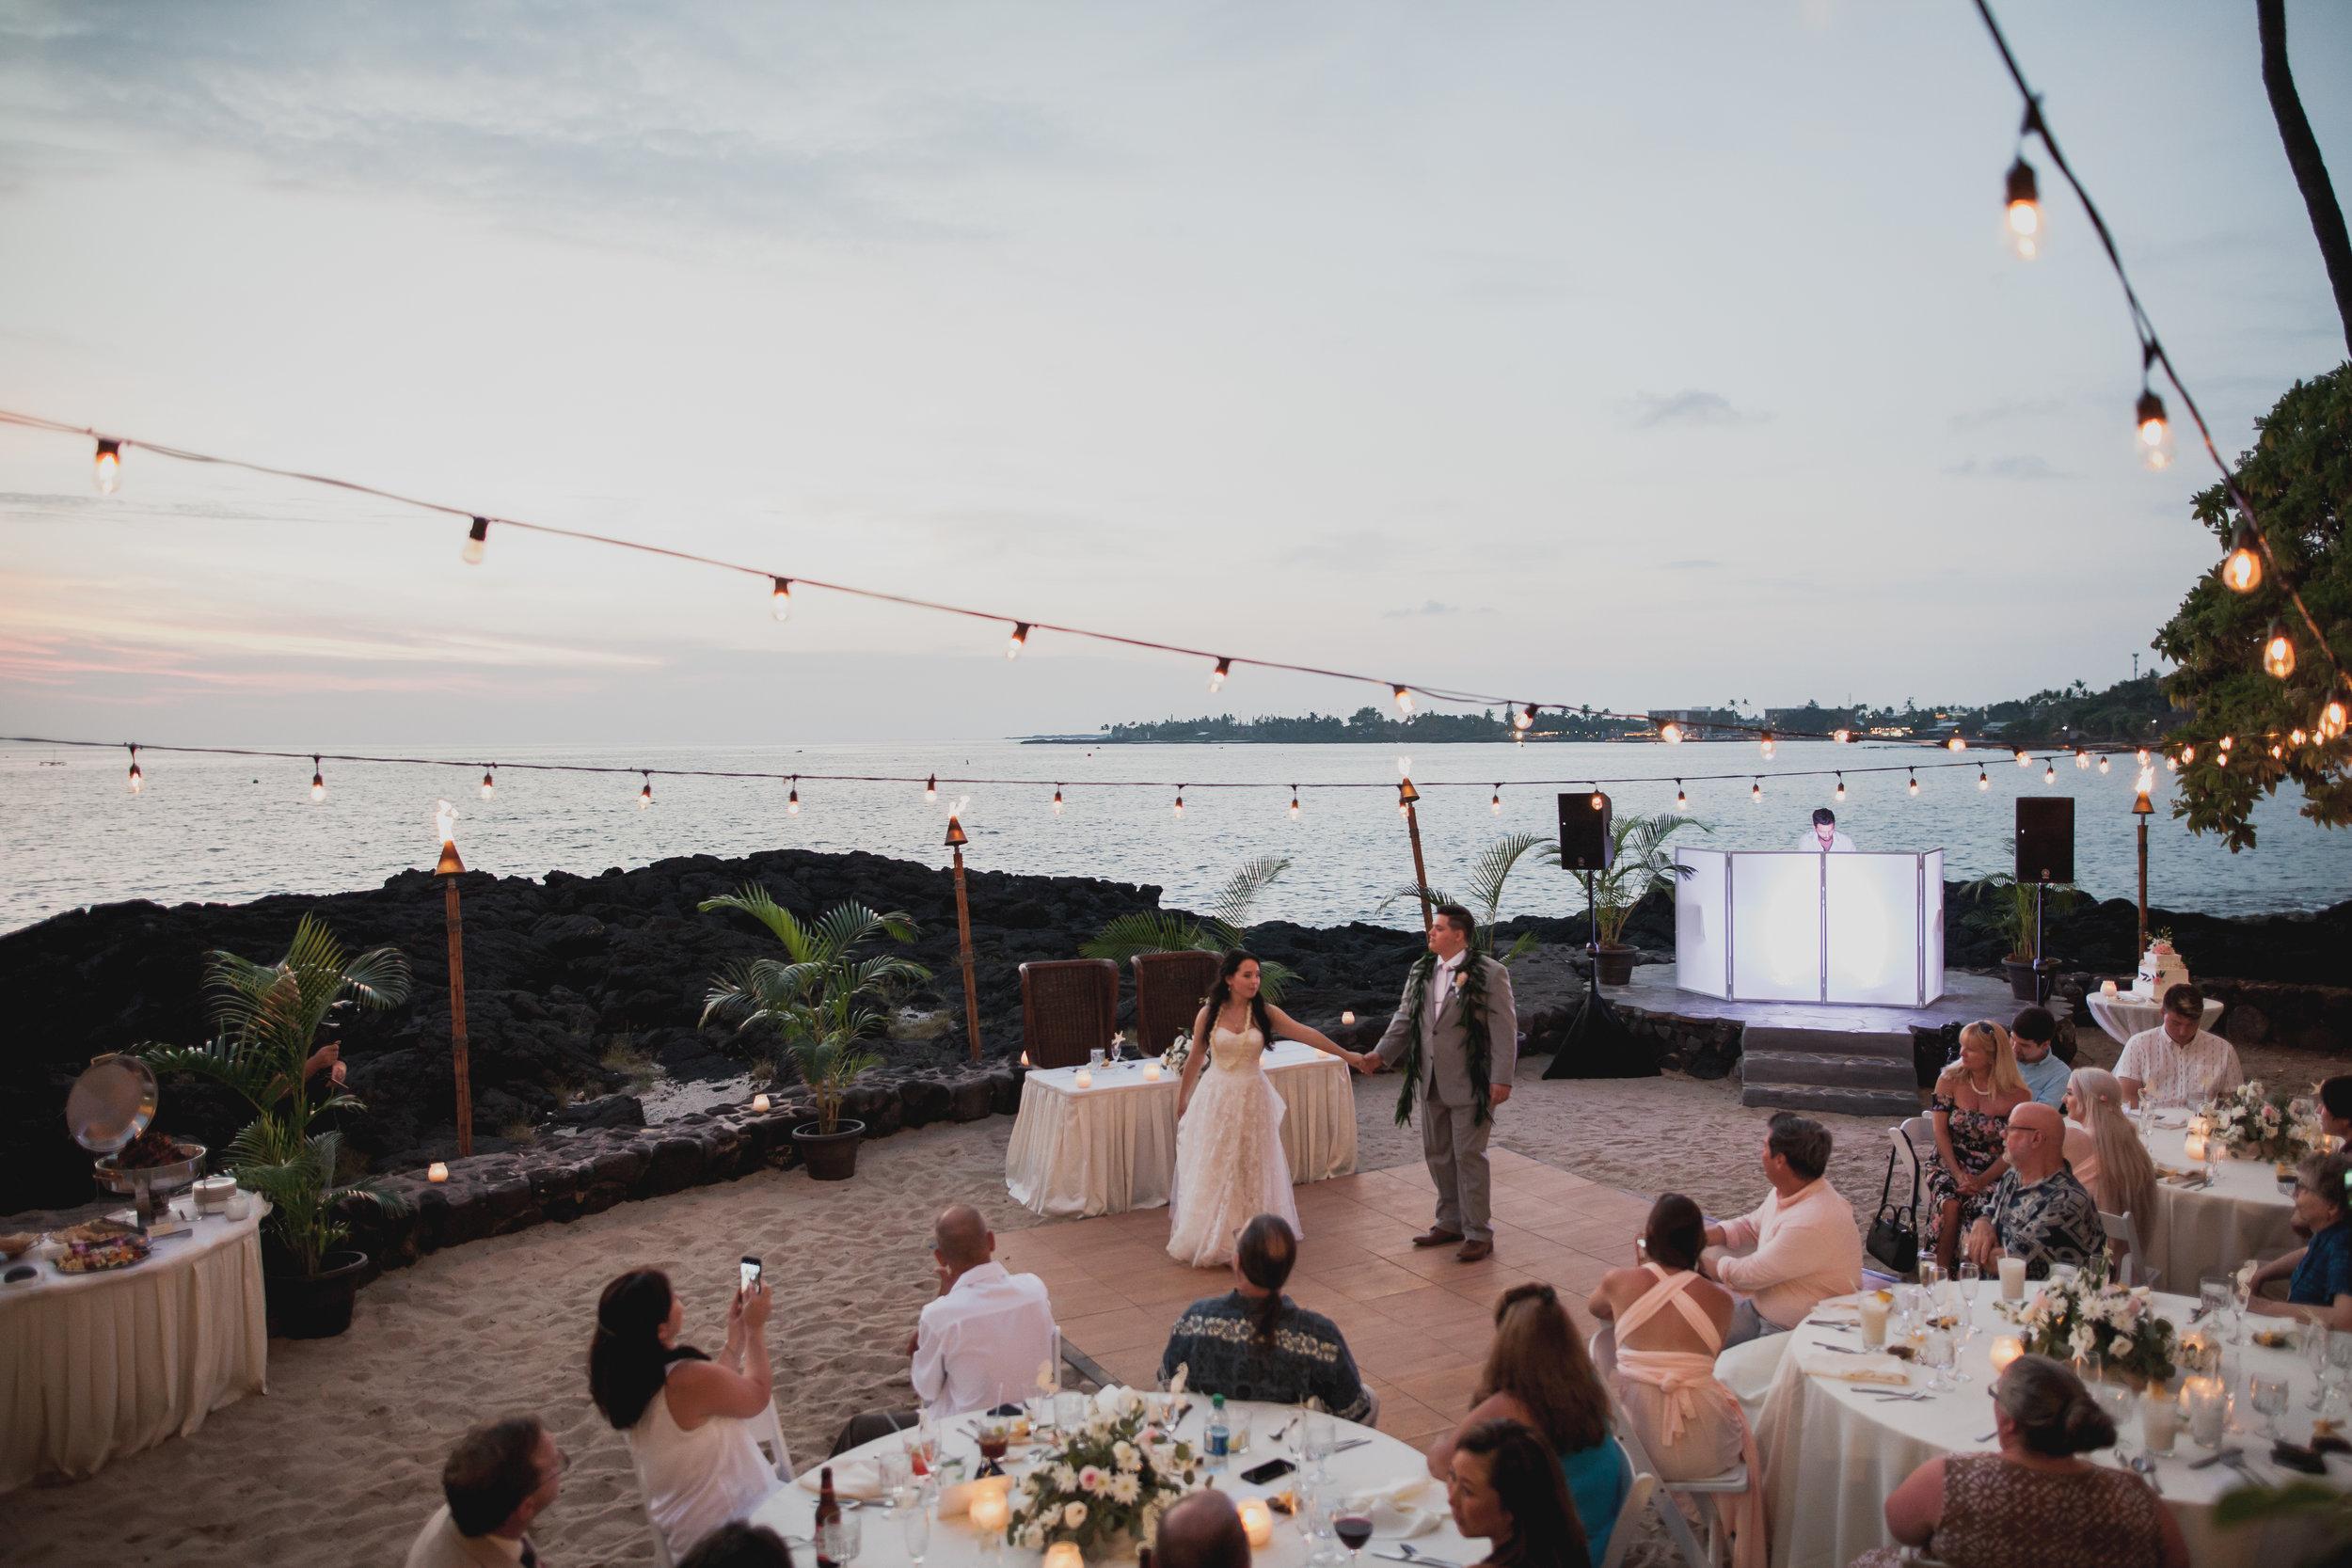 big island hawaii royal kona resort wedding kelilina photography 20171001182503-1.jpg